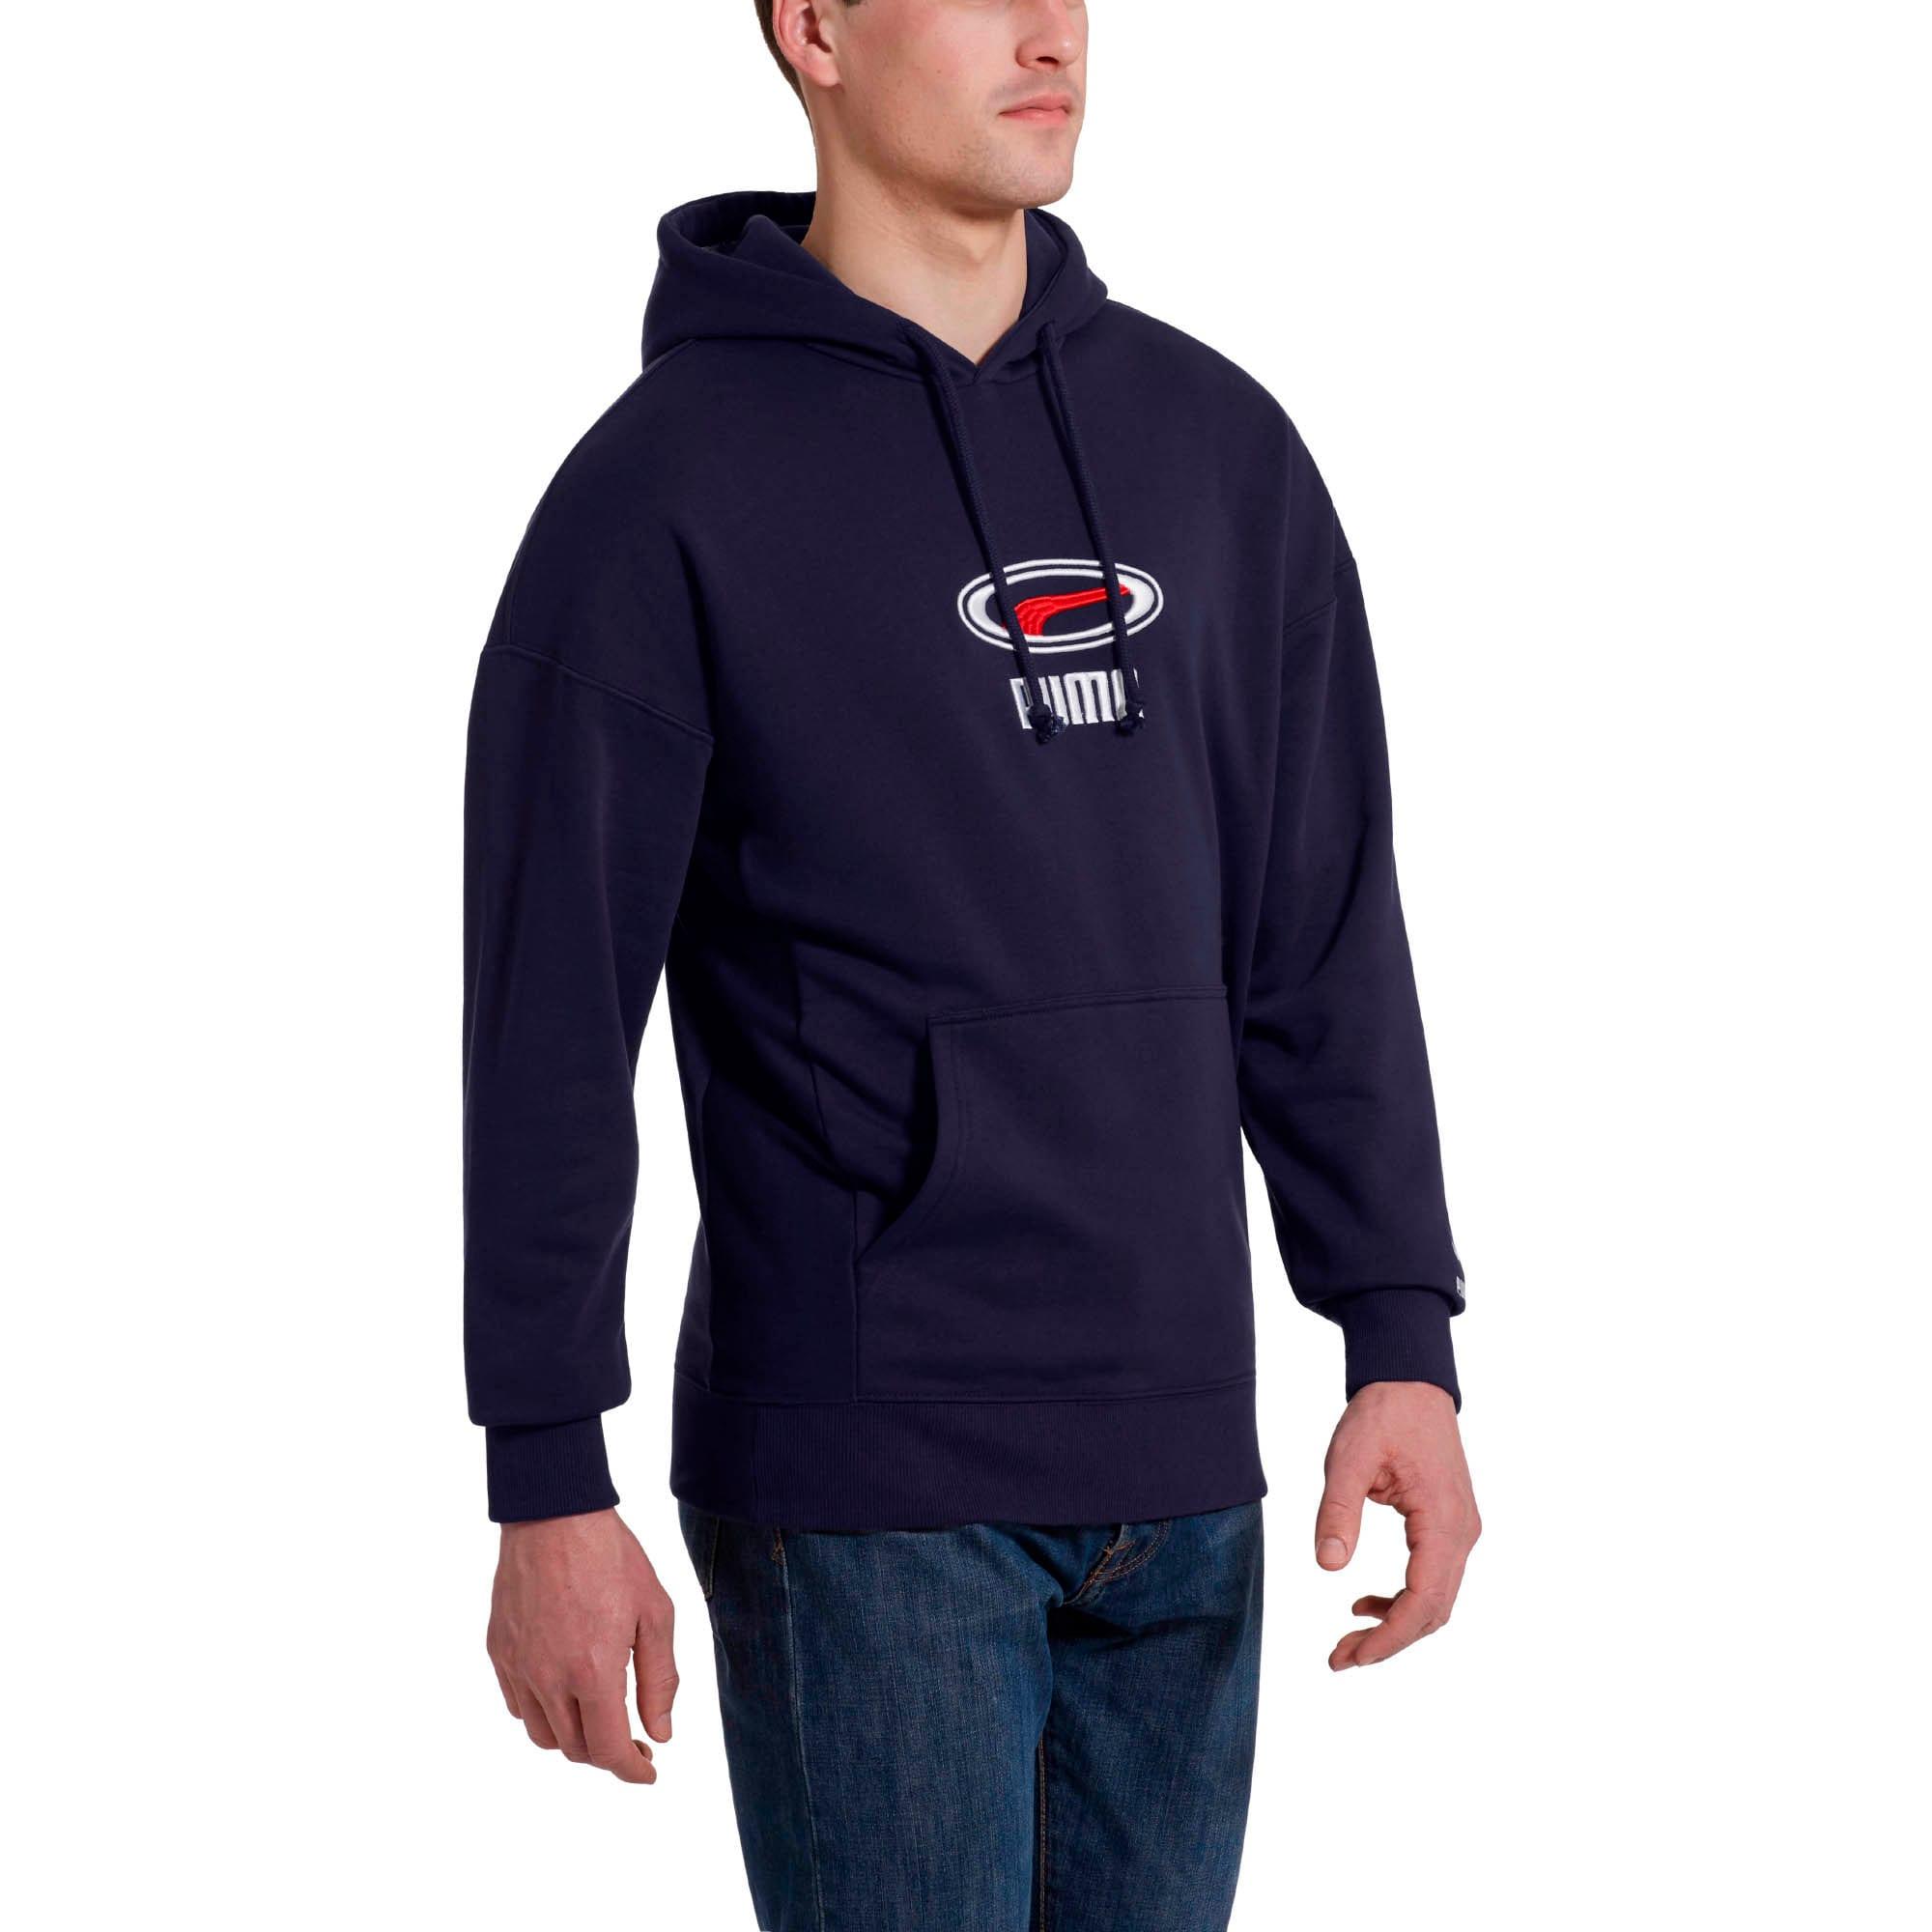 Miniatura 1 de Chaqueta con capucha para hombre OG, Peacoat, mediano